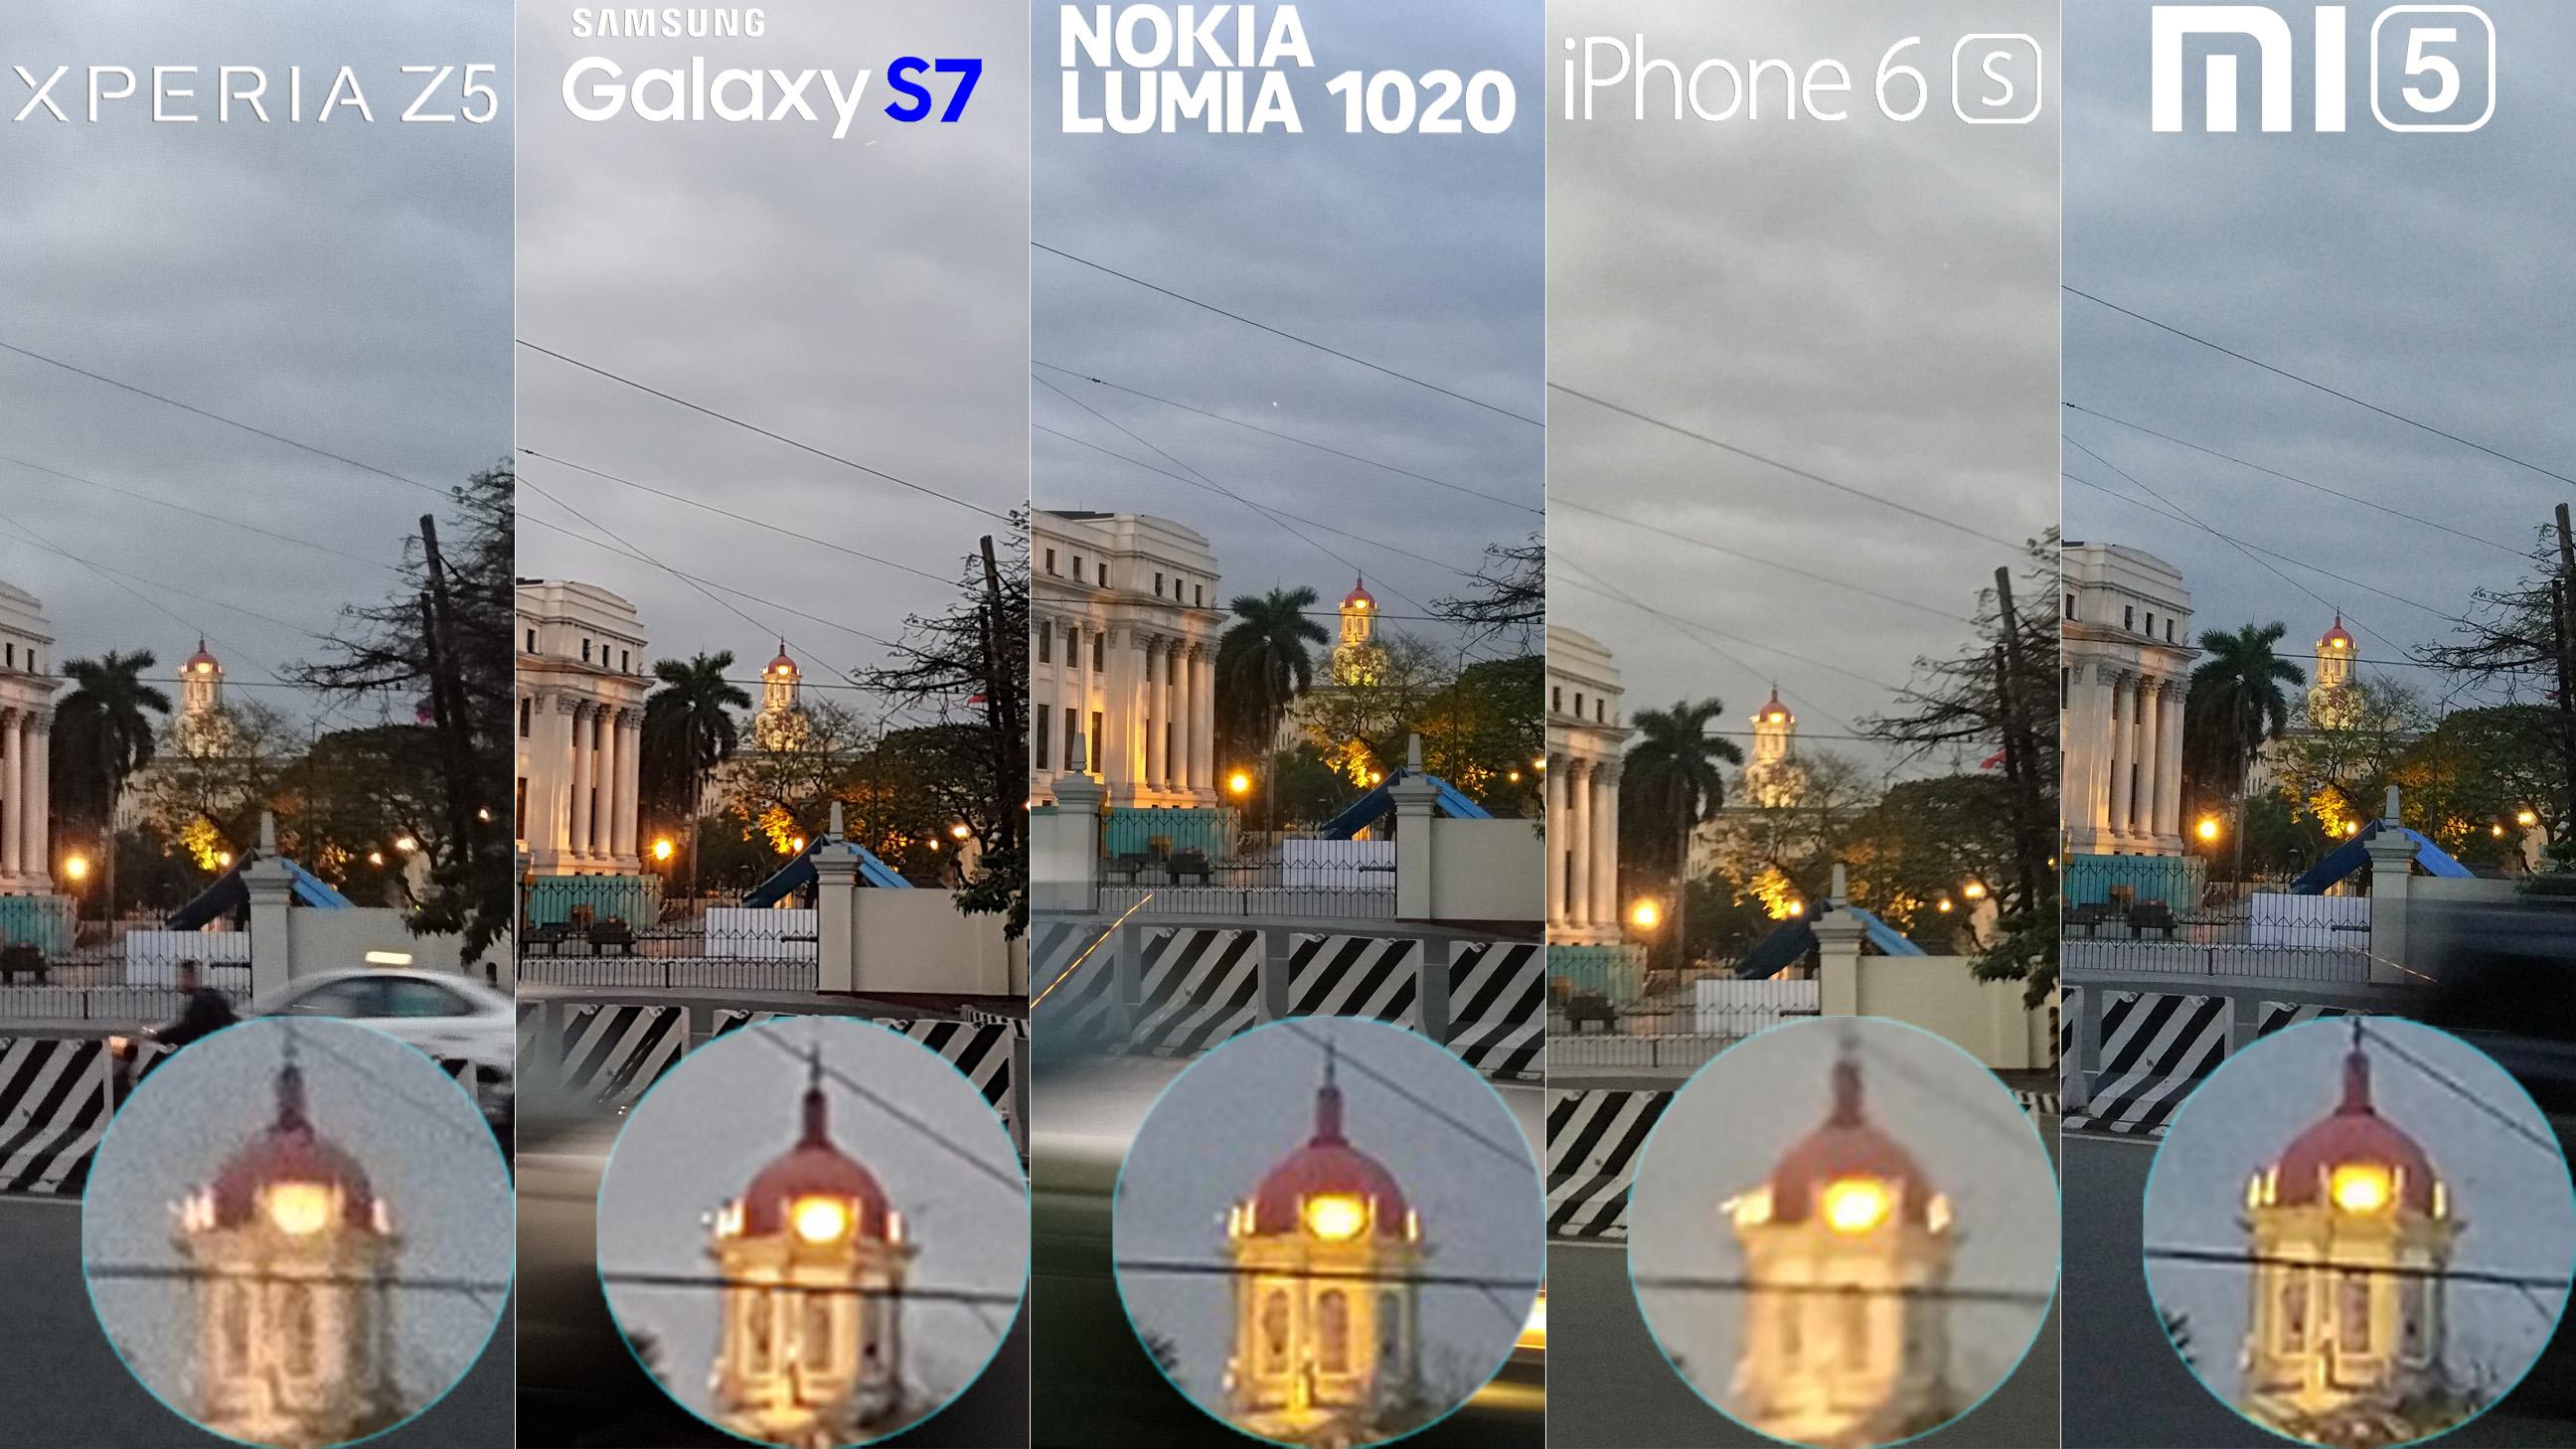 Galaxy S7 Xperia Z5 Lumia 1020 iphone 6s Xiaomi Mi 5 Camera Review Comaprison 7